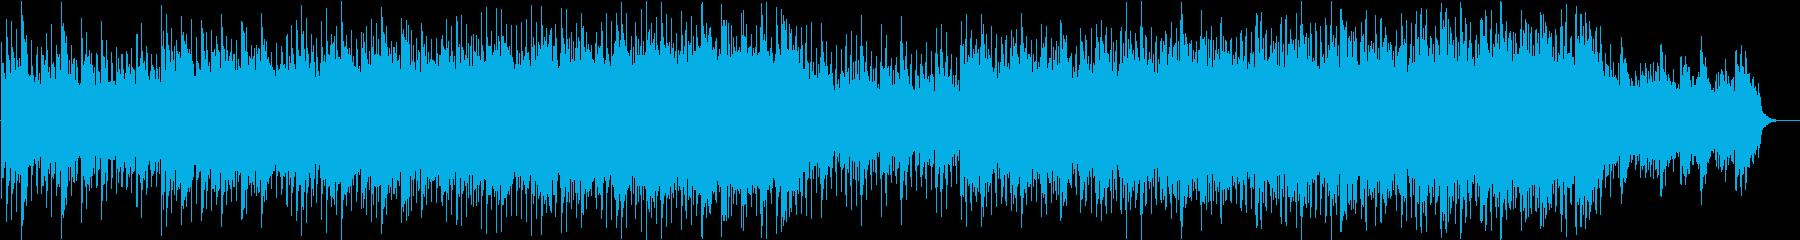 和風EDMロック!琴エレキギター疾走感の再生済みの波形